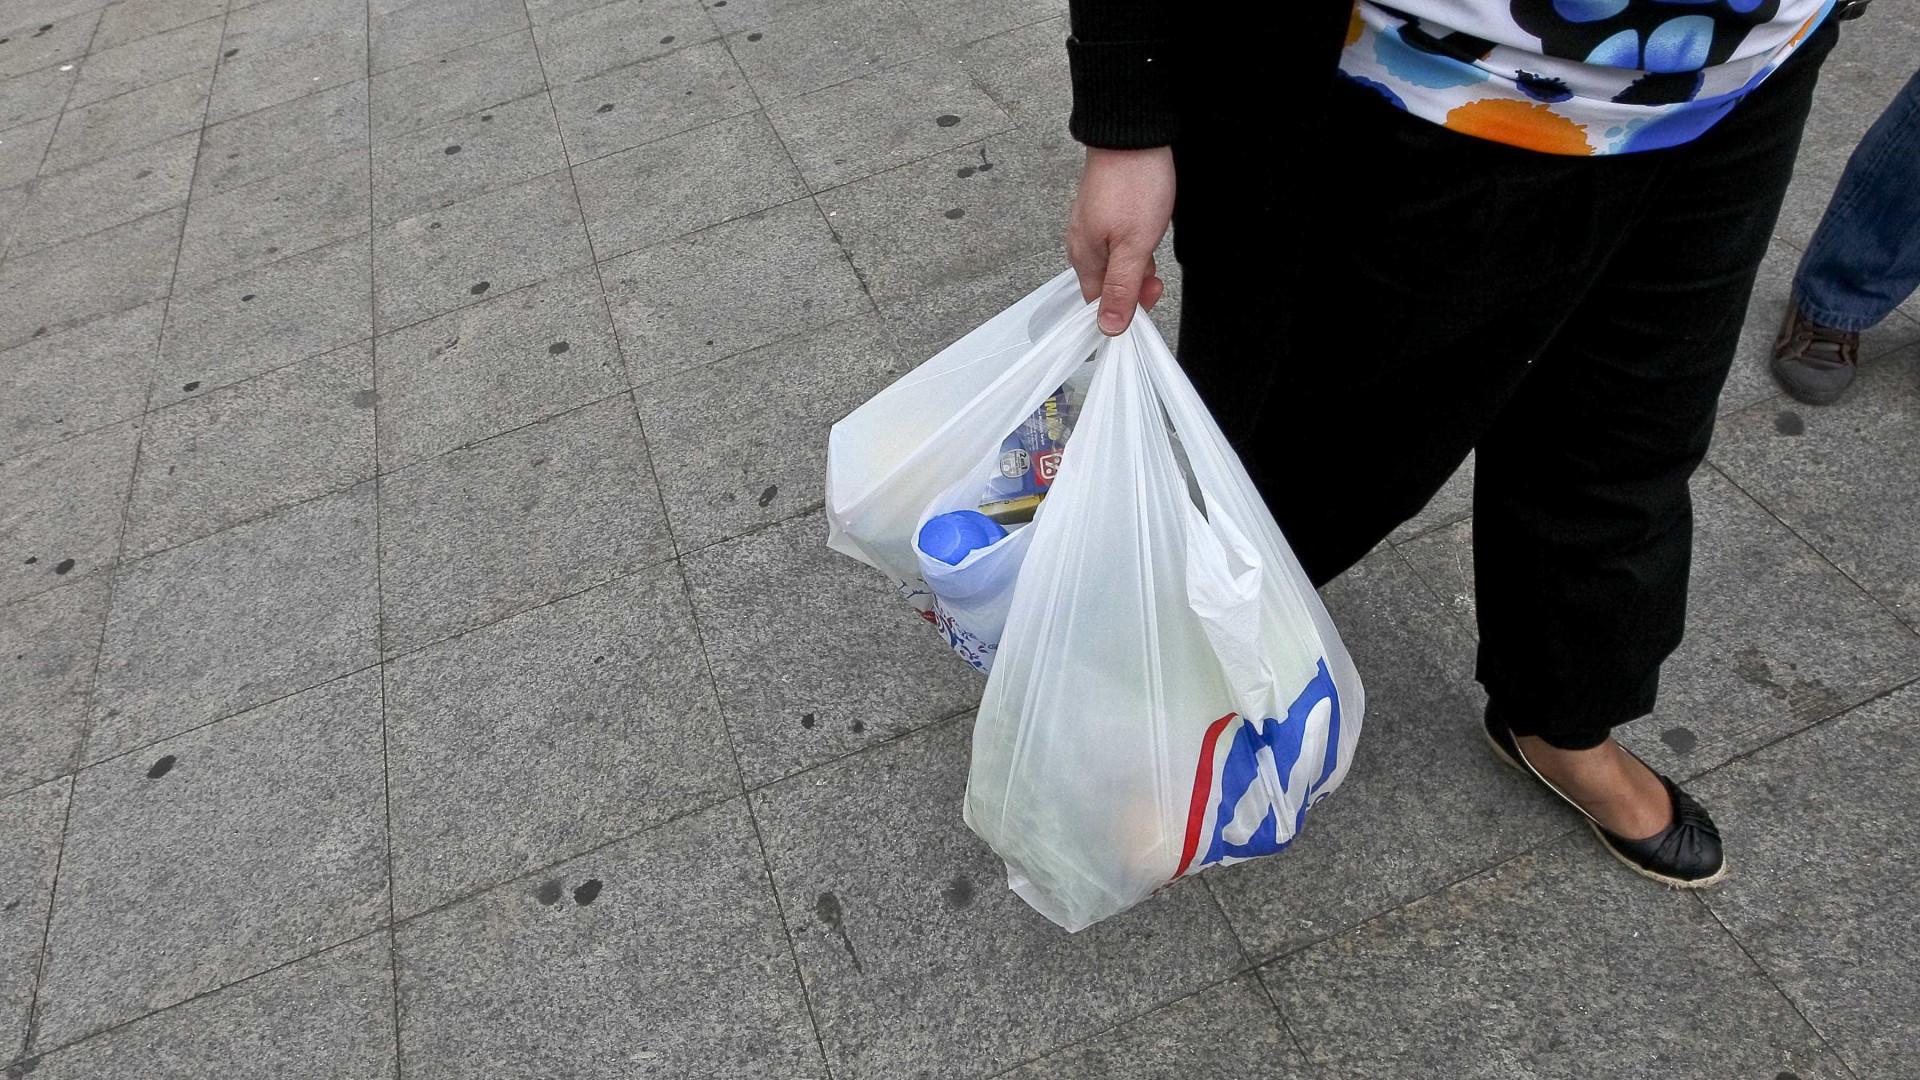 PSD, CDS e PCP chumbam aumento do preço dos sacos de plástico